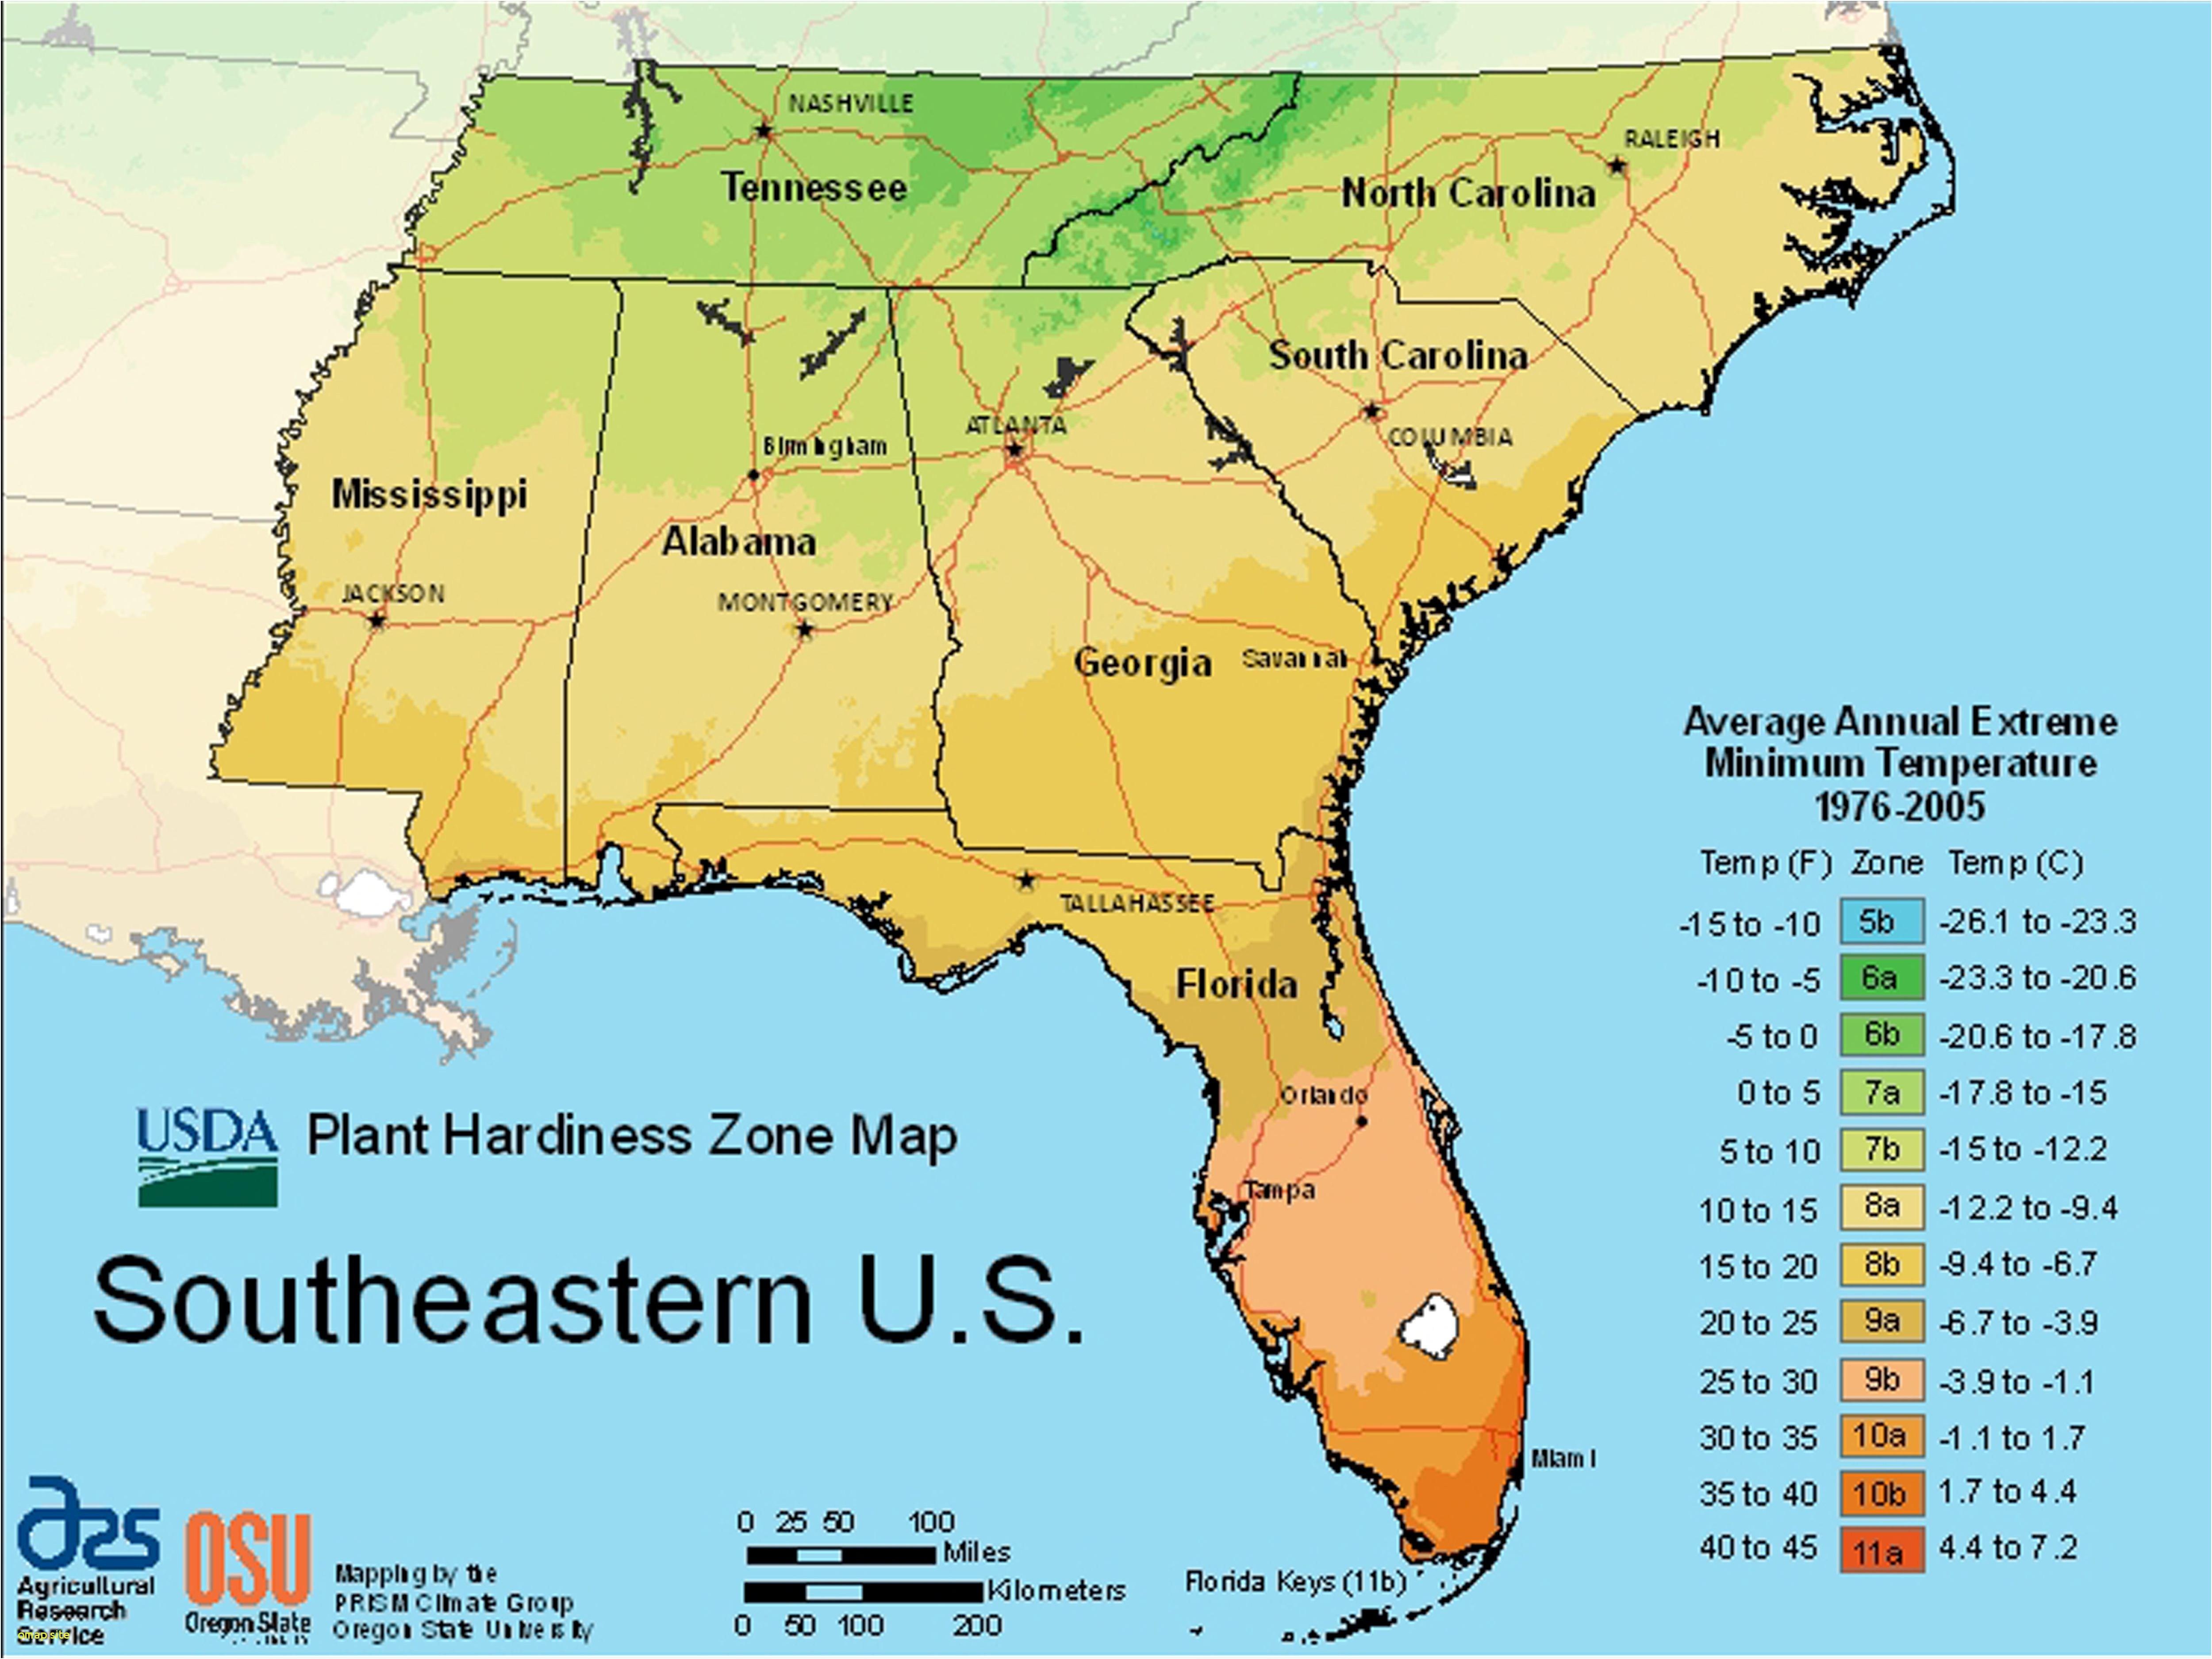 Us Map Of Growing Zones Elegant Usda Plant Hardiness Zone Map Maps - Plant Zone Map Florida